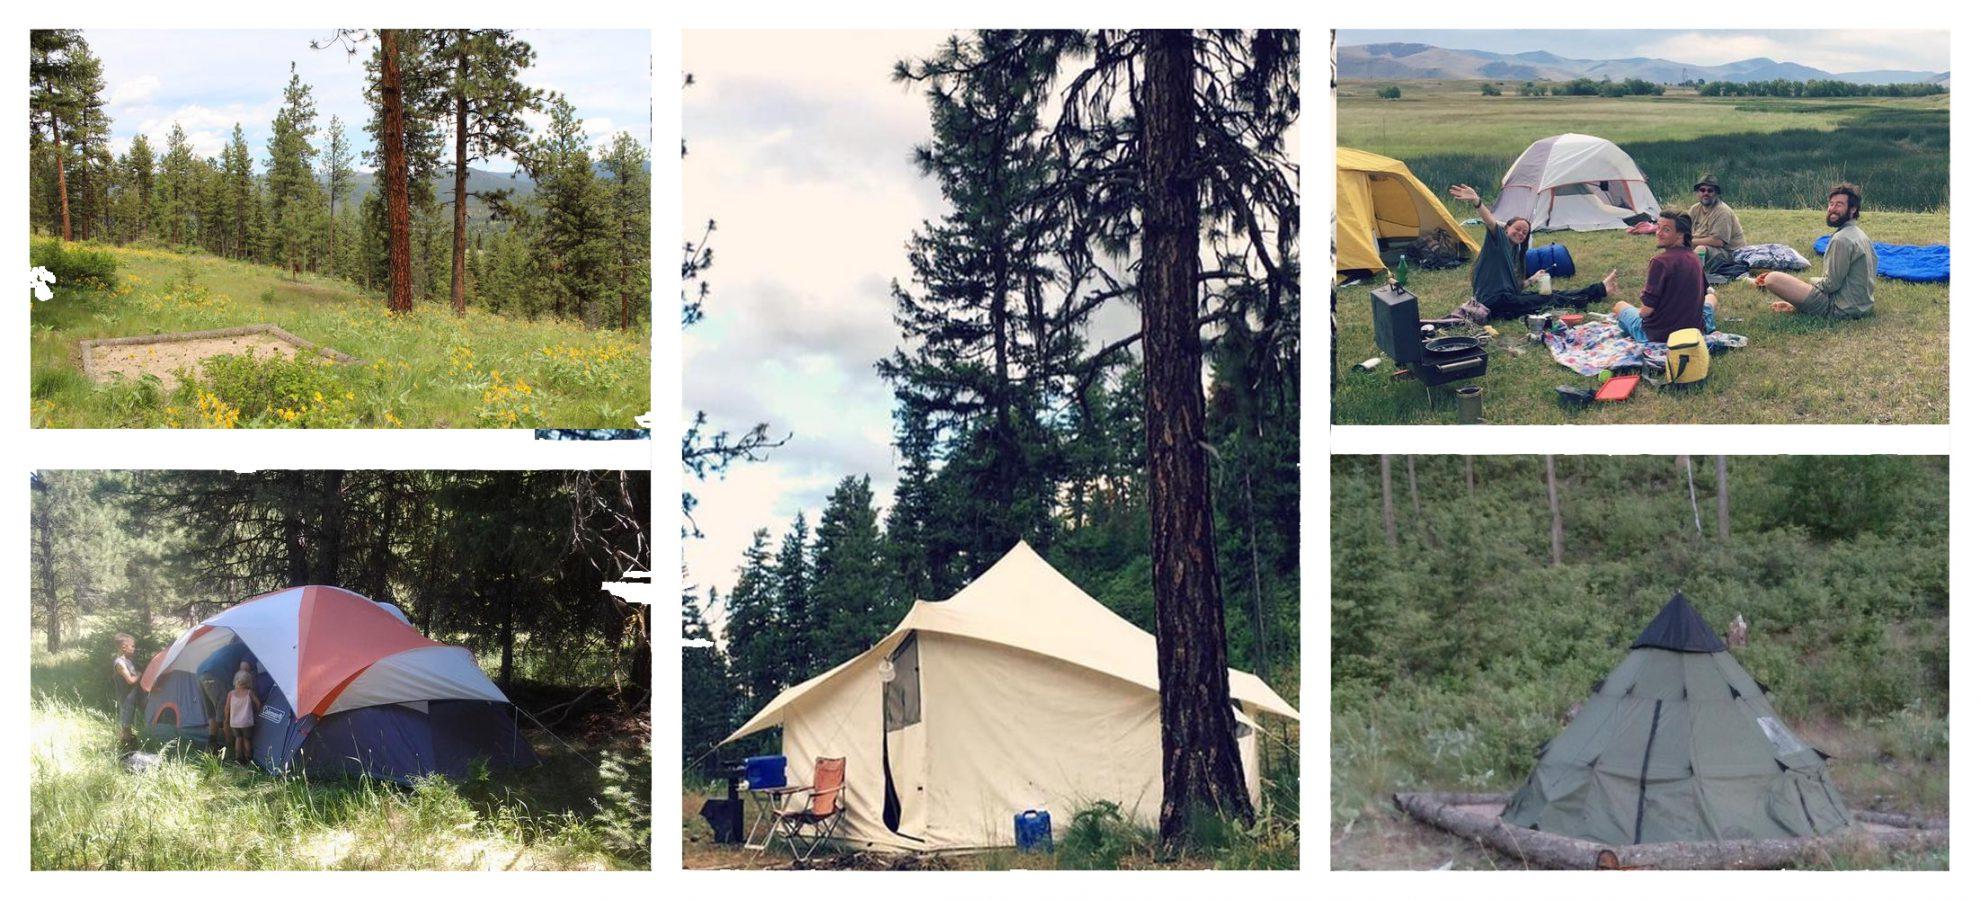 Tenting at Wheaton Labs vacation rentals